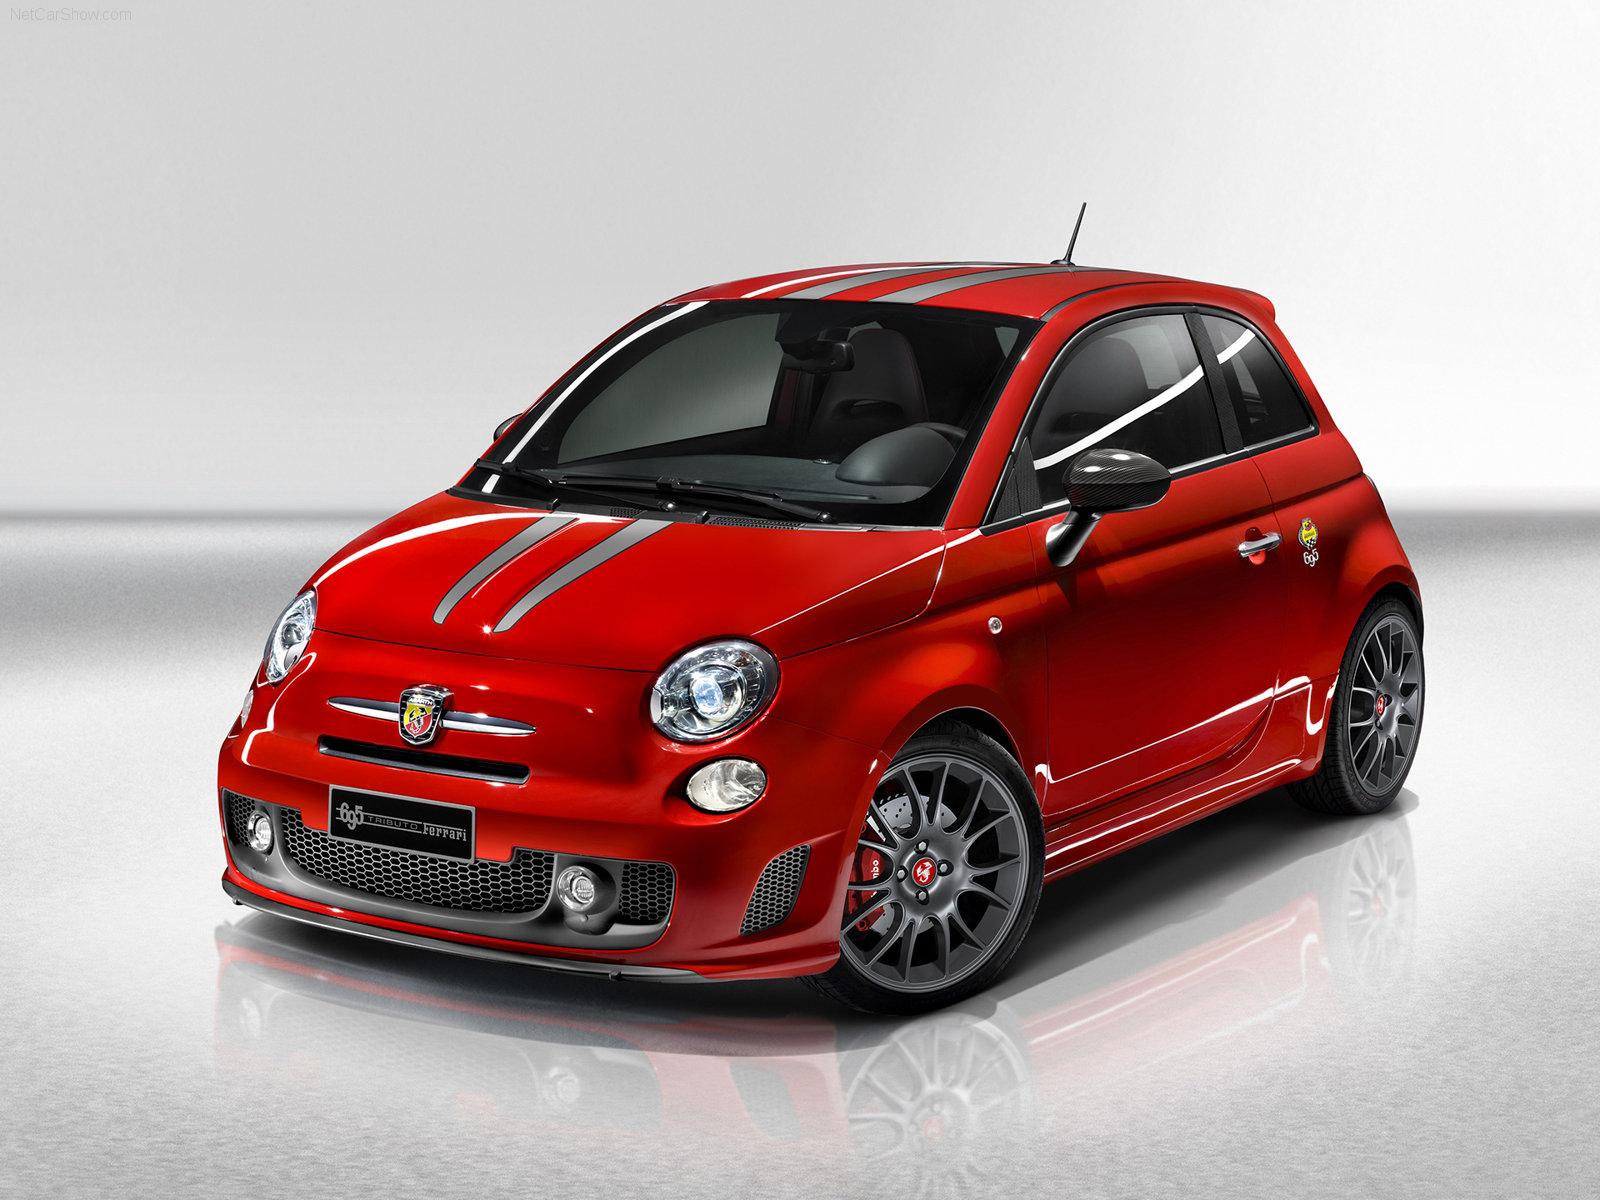 fiat 695 abarth tributo ferrari 2009 1600x1200 wallpaper 01 1 - Cheque en blanco para 7 coches